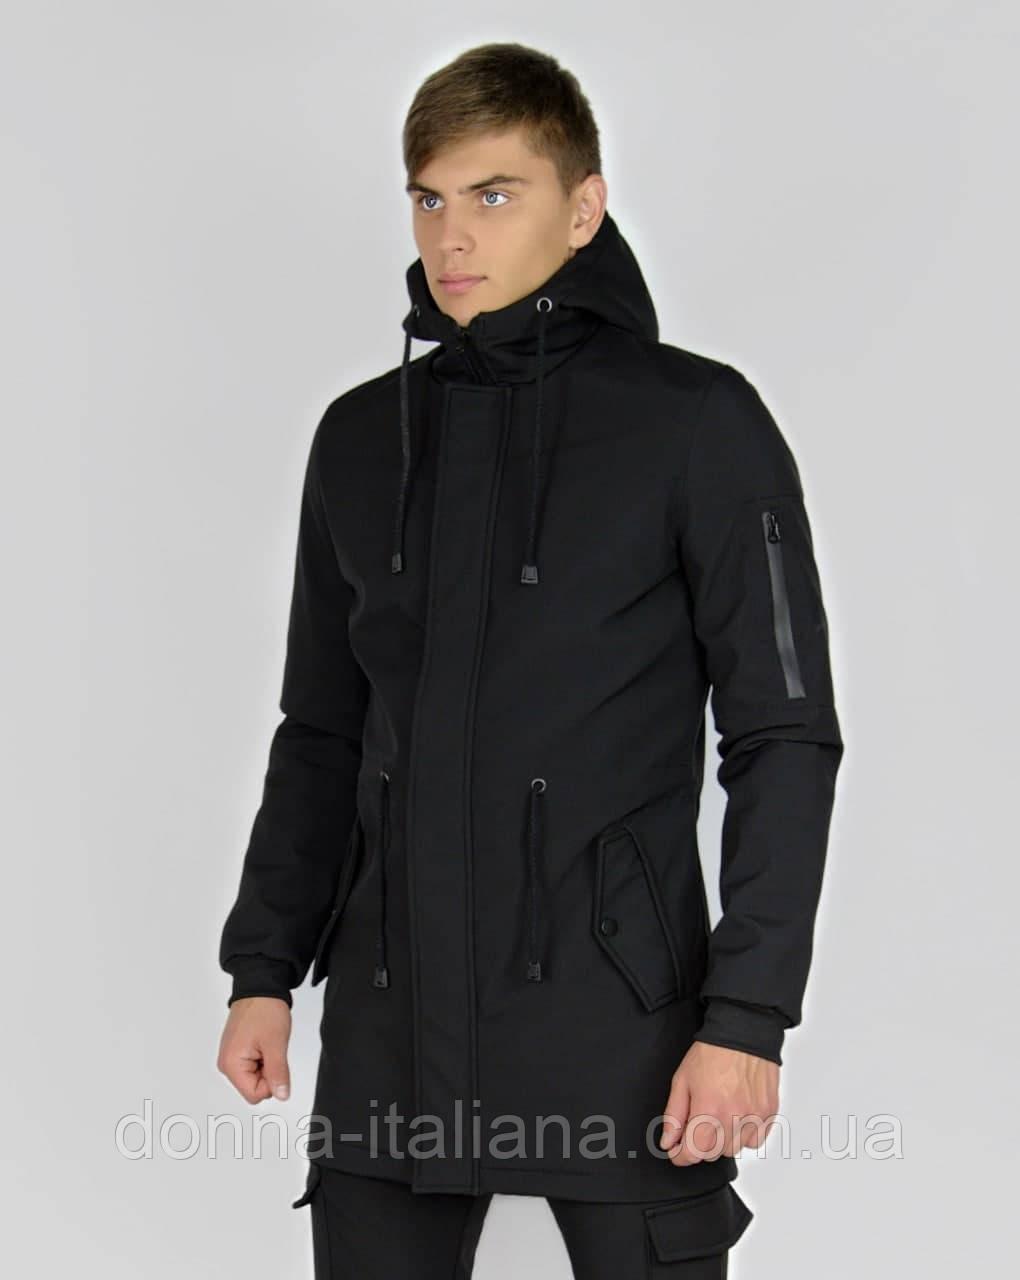 Куртка Intruder Softshell V2.0 черная ХL  (1604481427/3)